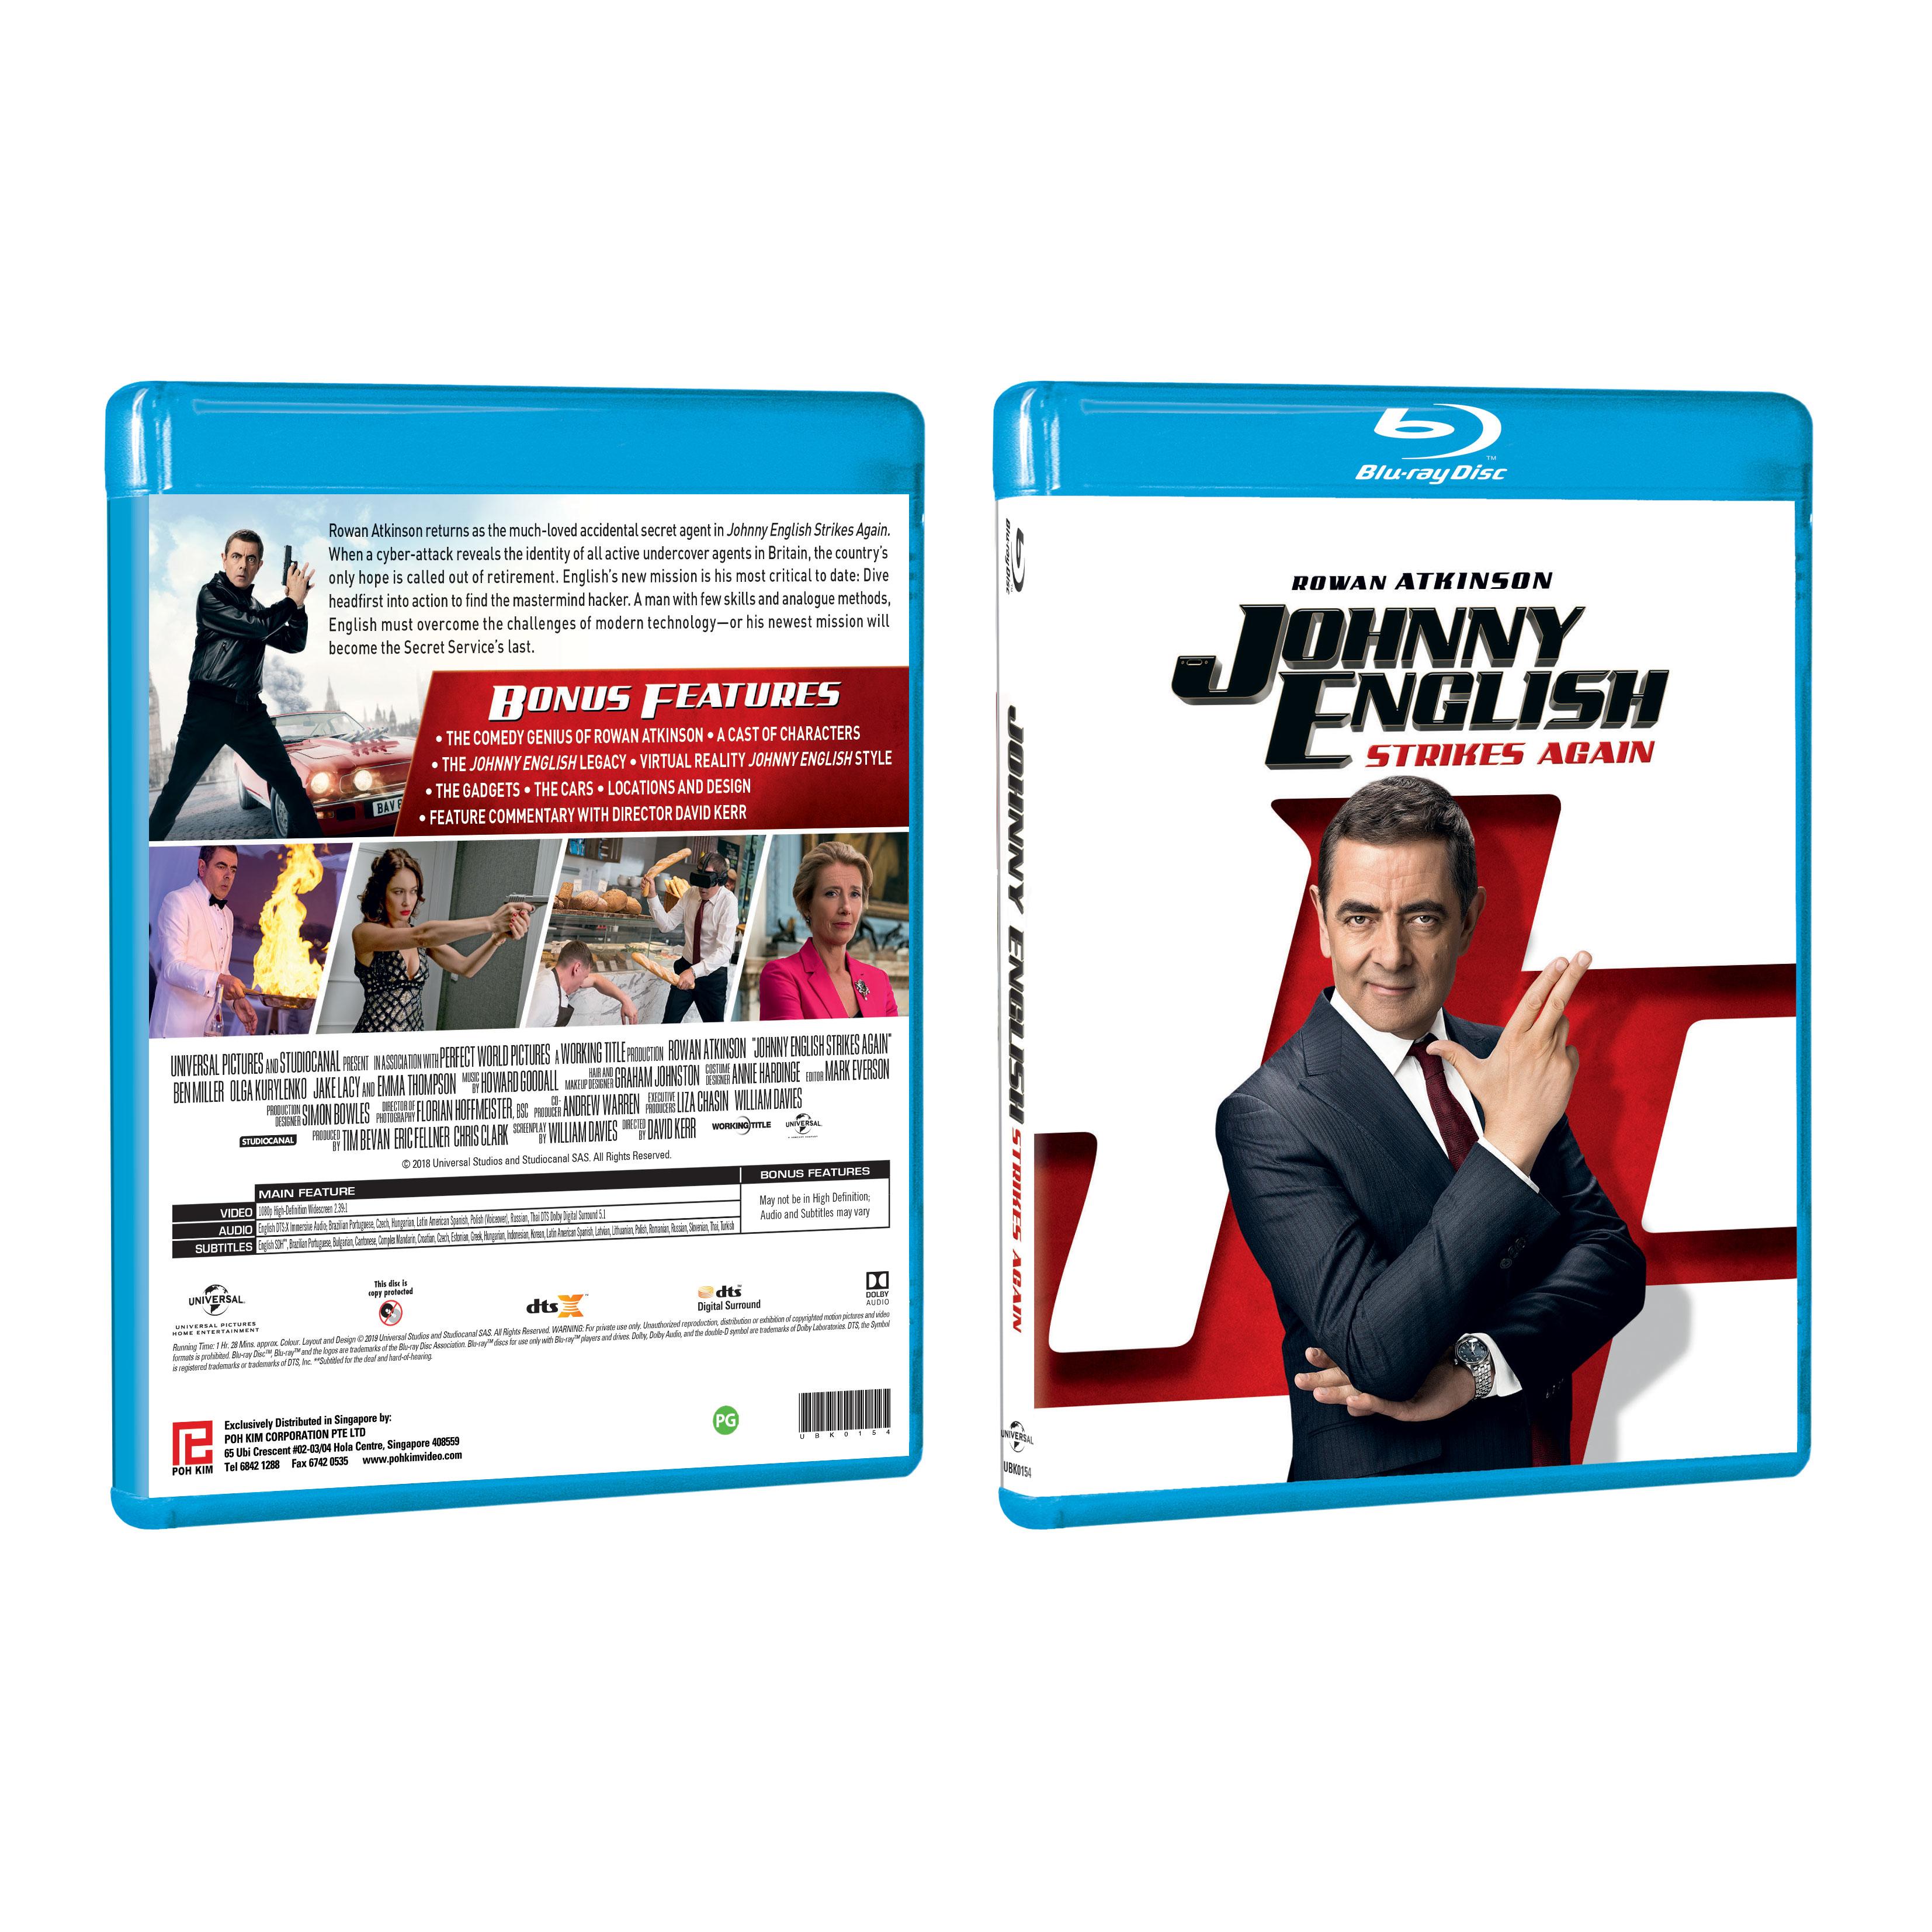 Johnny English Strikes Again Blu Ray Poh Kim Video